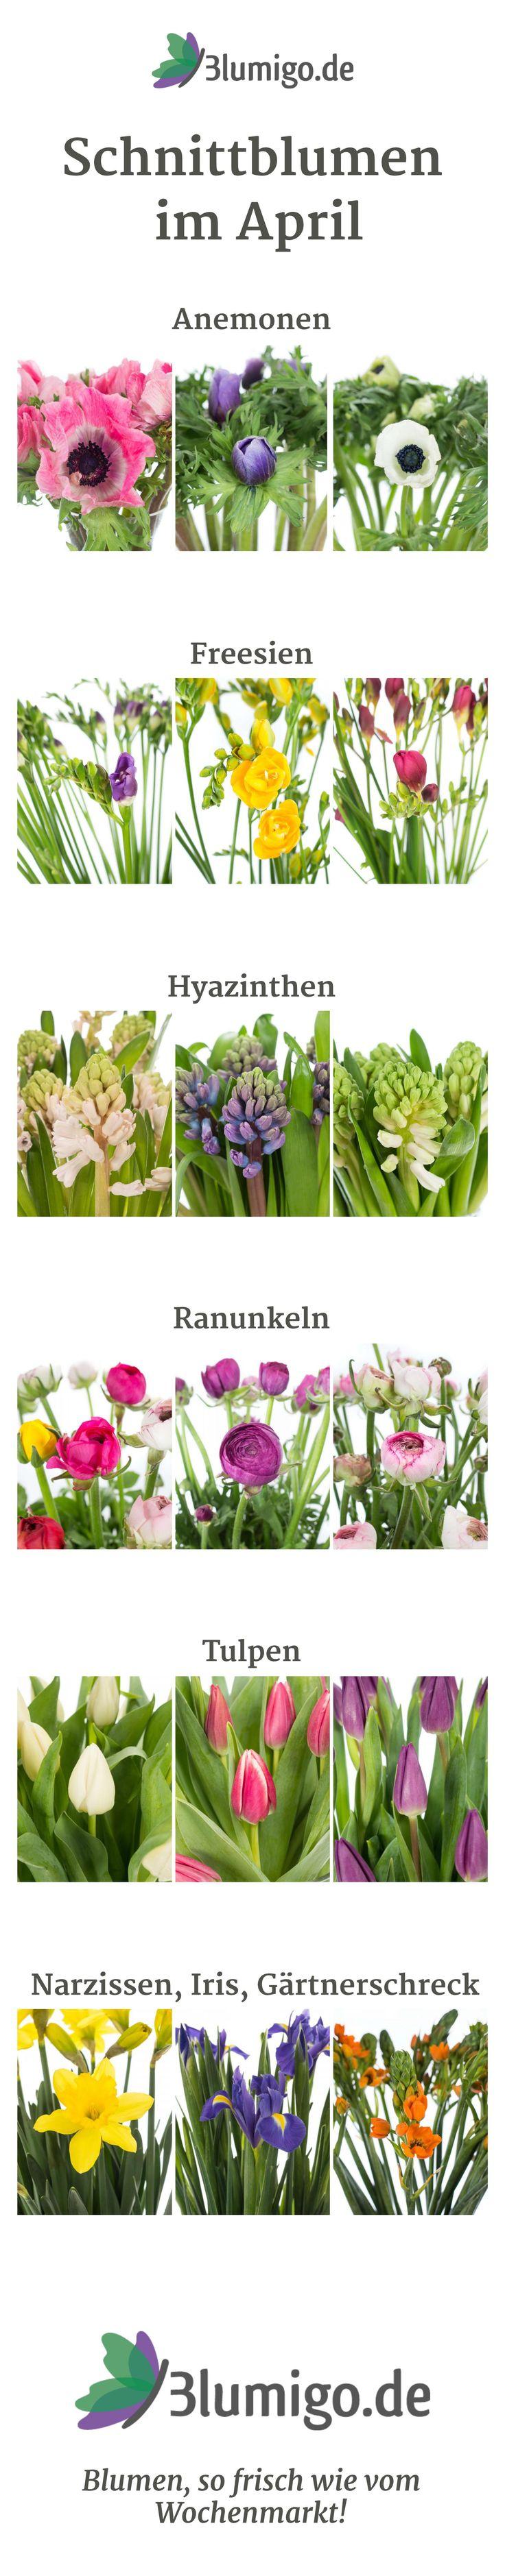 Schnittblumen im April - welche Blumen haben im April Saison? Sie können z. B. mit Anemonen, Ranunkeln, Freesien, Hyazinthen, Iris, Narzissen, Tulpen, Gärtnerschreck rechnen. #hochzeit #saisonkalender #blumendeko #brautstrauß #brautsträuße #weddingflowers #hochzeitsblumen #tischdeko #anstecker #saisonblumen #frischblumen